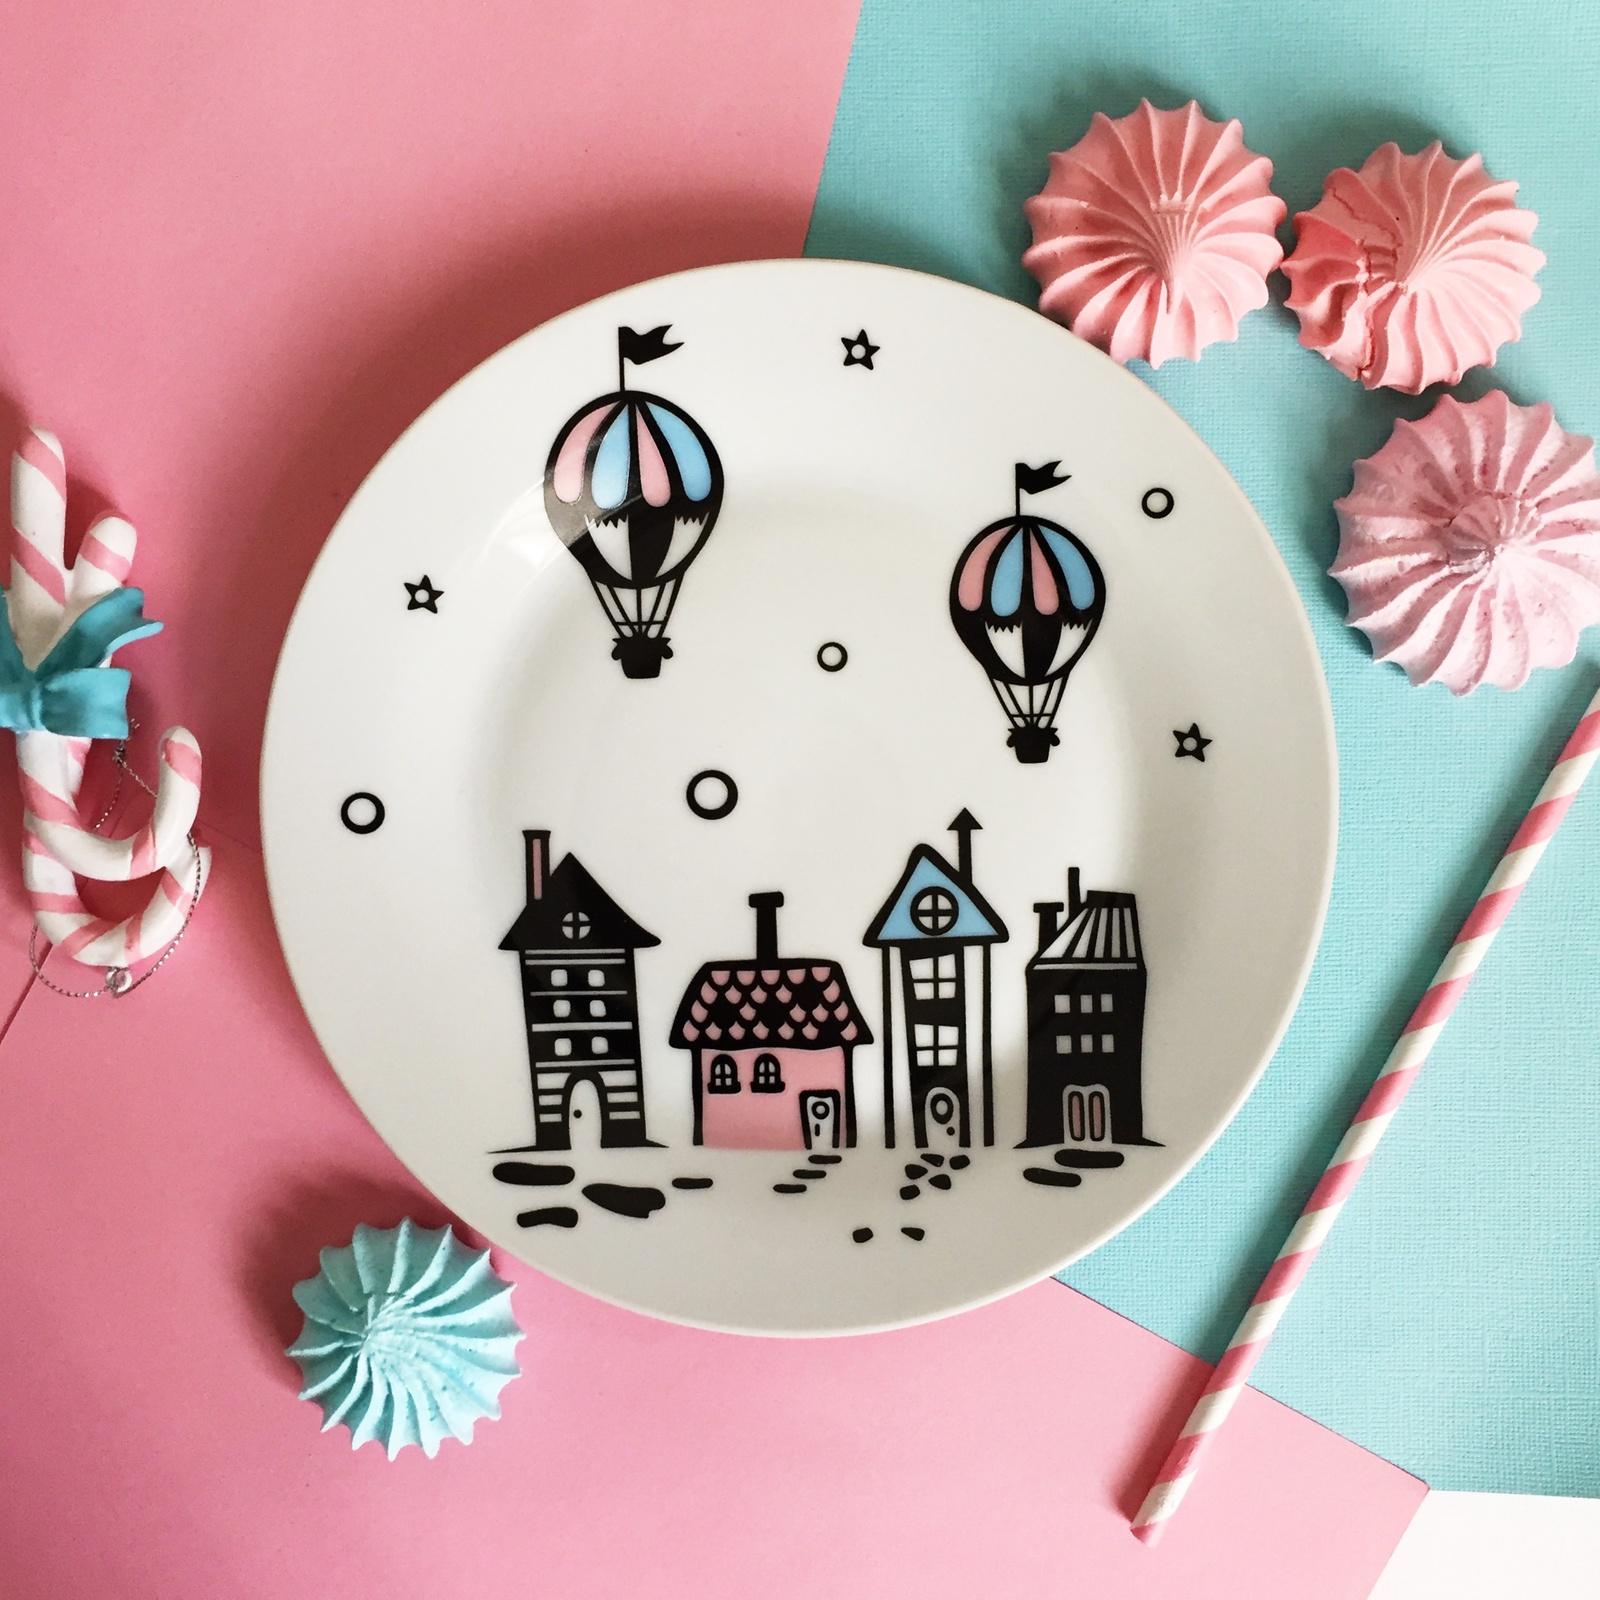 Тарелка Сотвори Чудо Воздушный город 20 см, белый тарелка мелкая сотвори чудо воздушный город диаметр 20 см